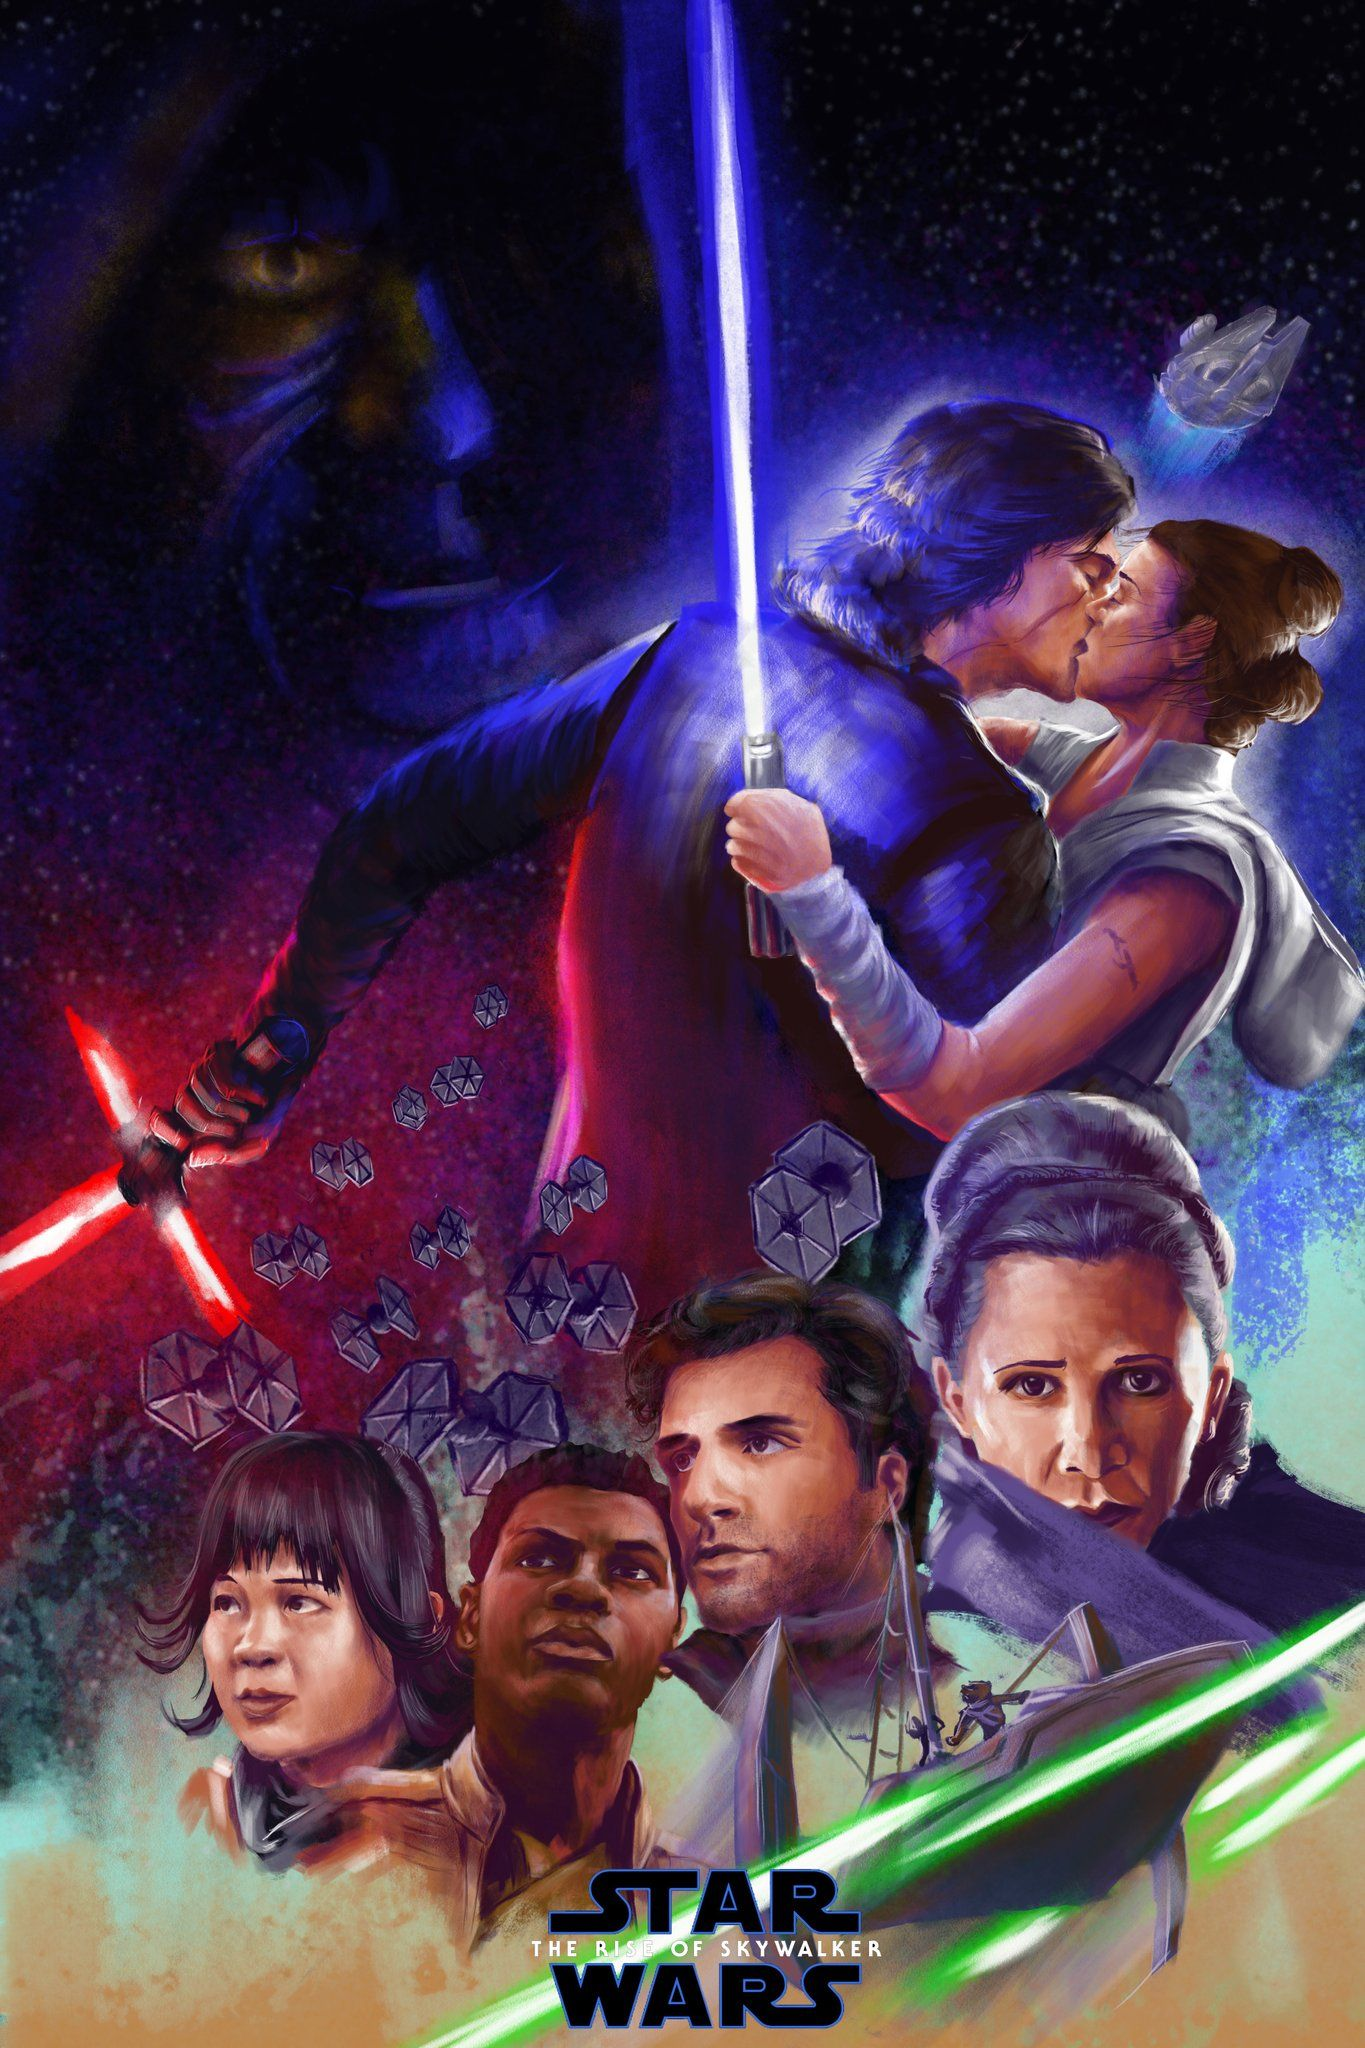 David Brady On Twitter Rey Star Wars Star Wars Poster Star Wars Pictures